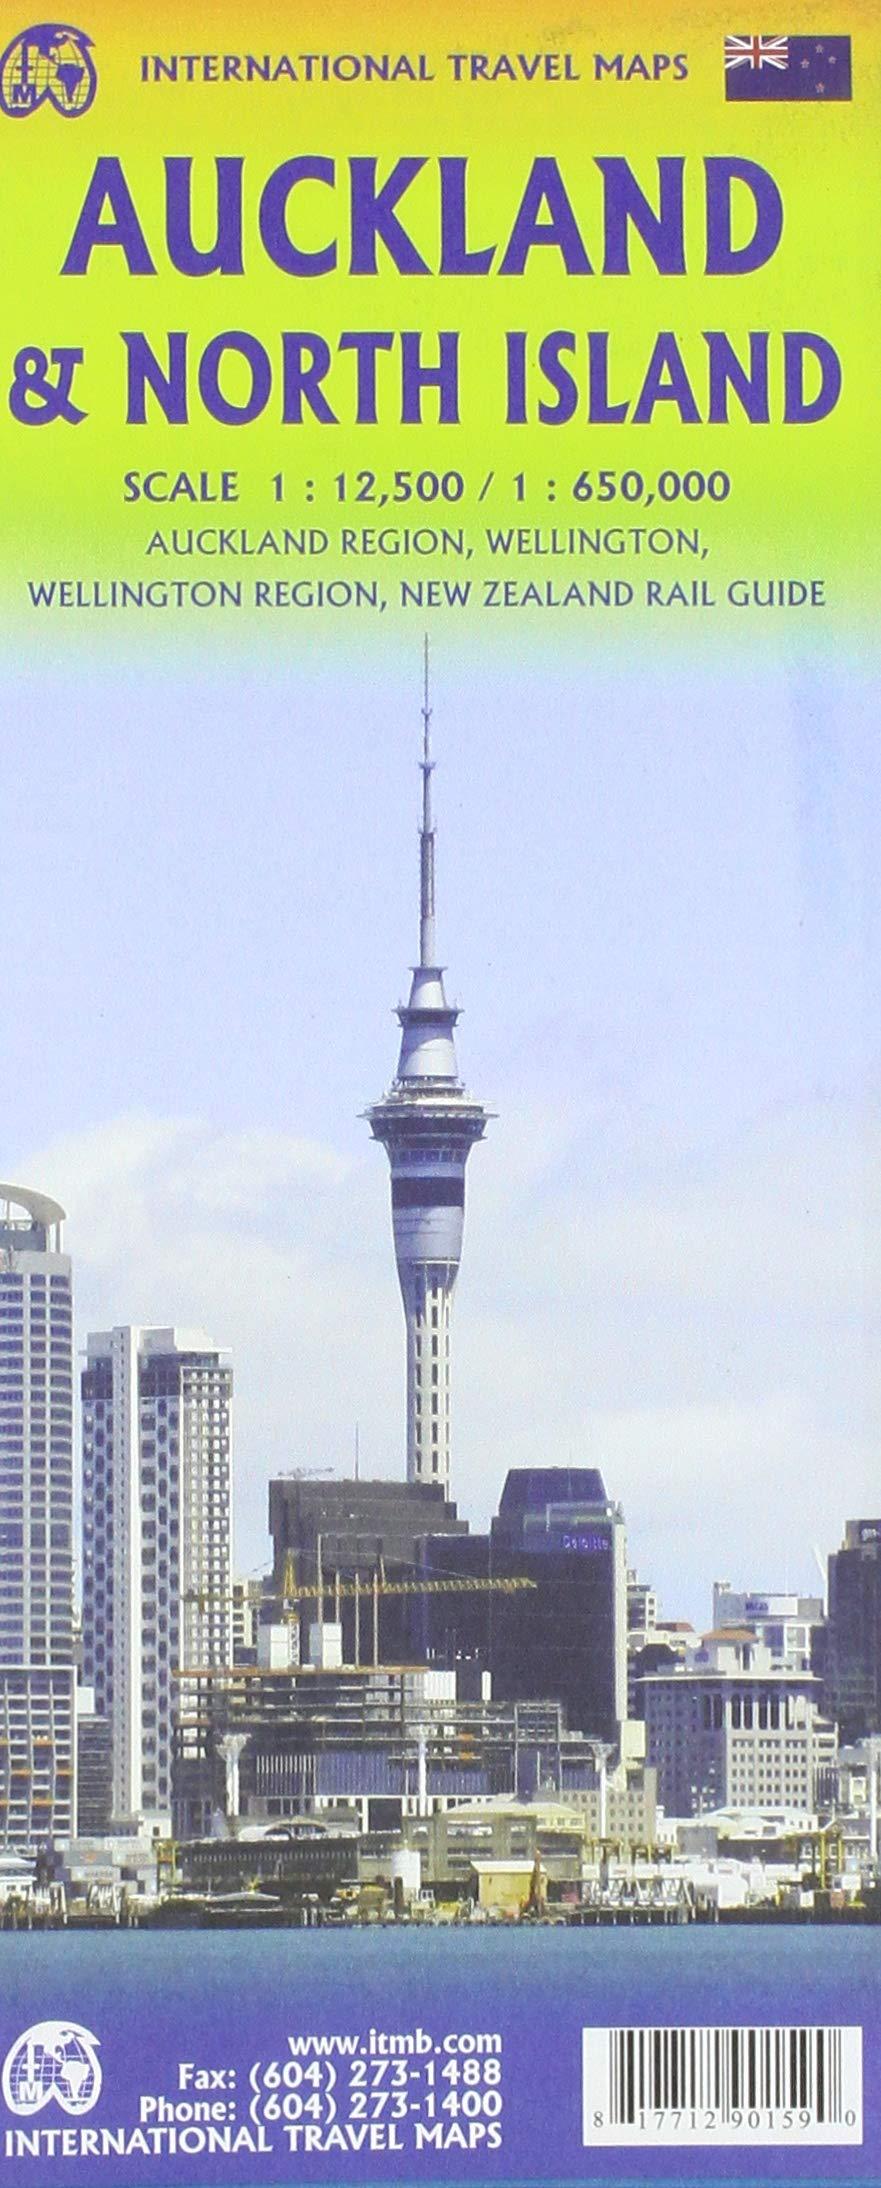 אוקלנד (ניו זילנד)